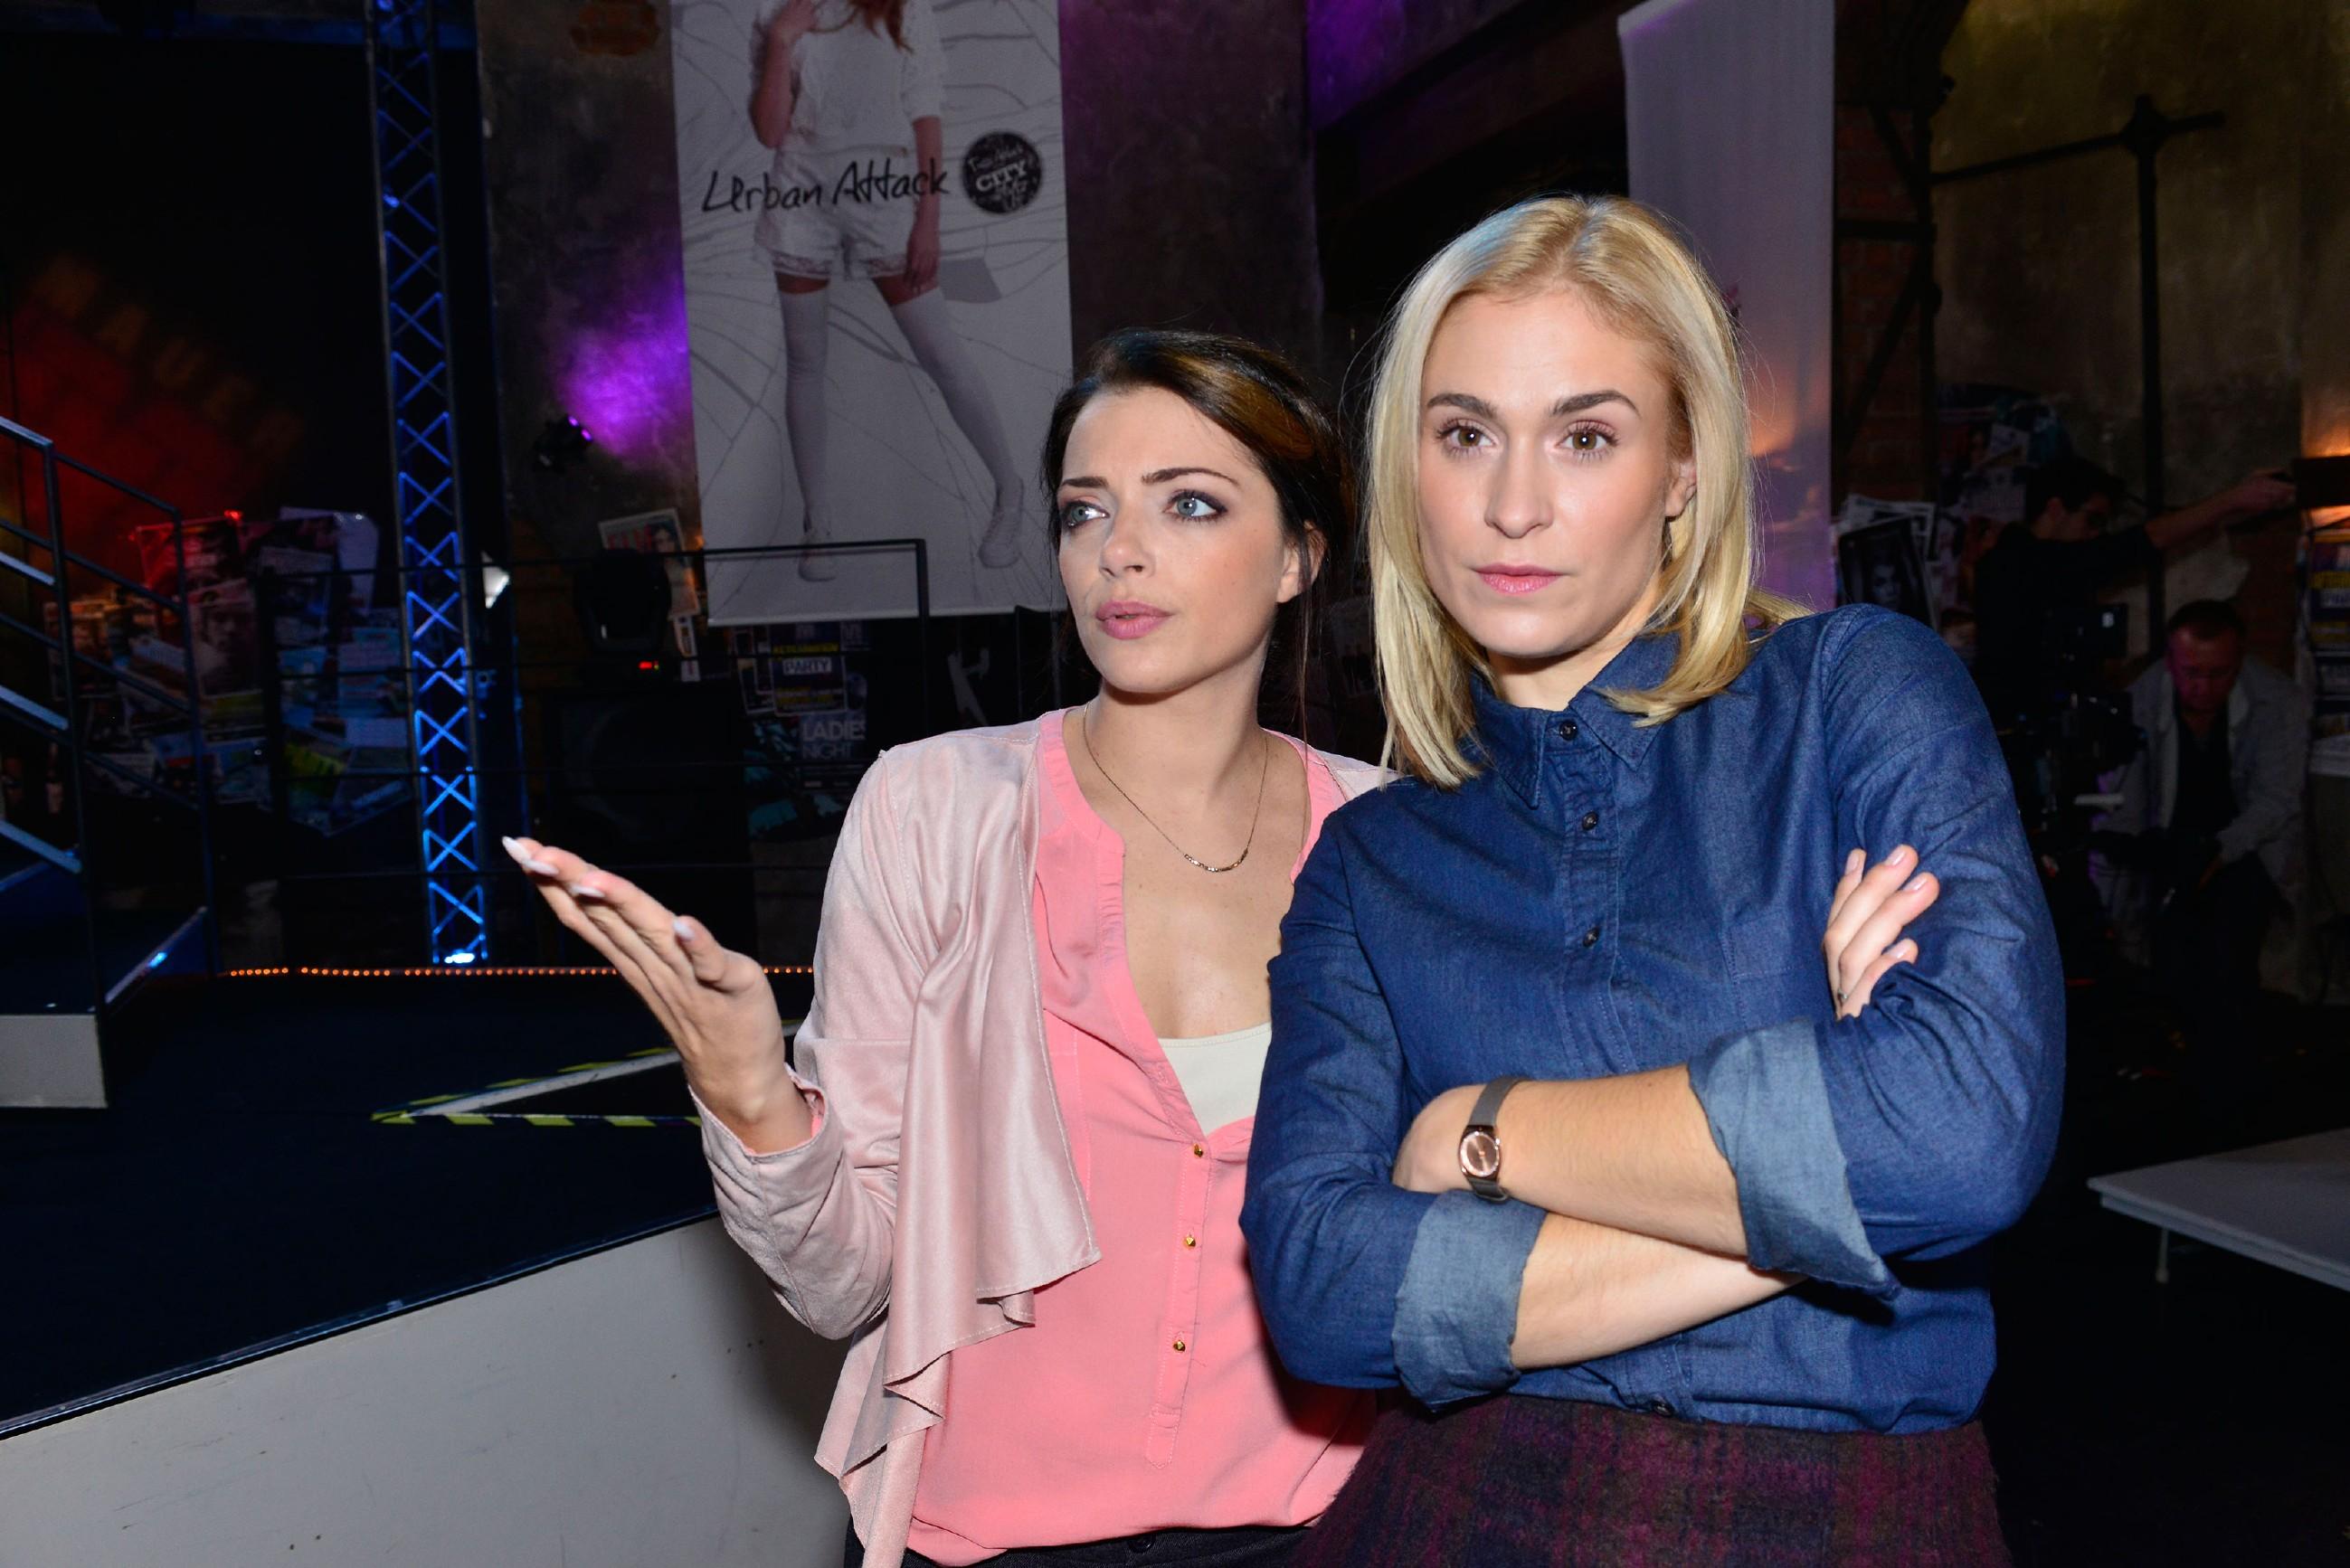 Emily (Anne Menden, l.) und Sophie (Lea Marlen Woitack) sind genervt, weil Jasmin bisher noch nicht zum Fitting für die Modenschau erschienen ist. (Quelle: RTL / Rolf Baumgartner)